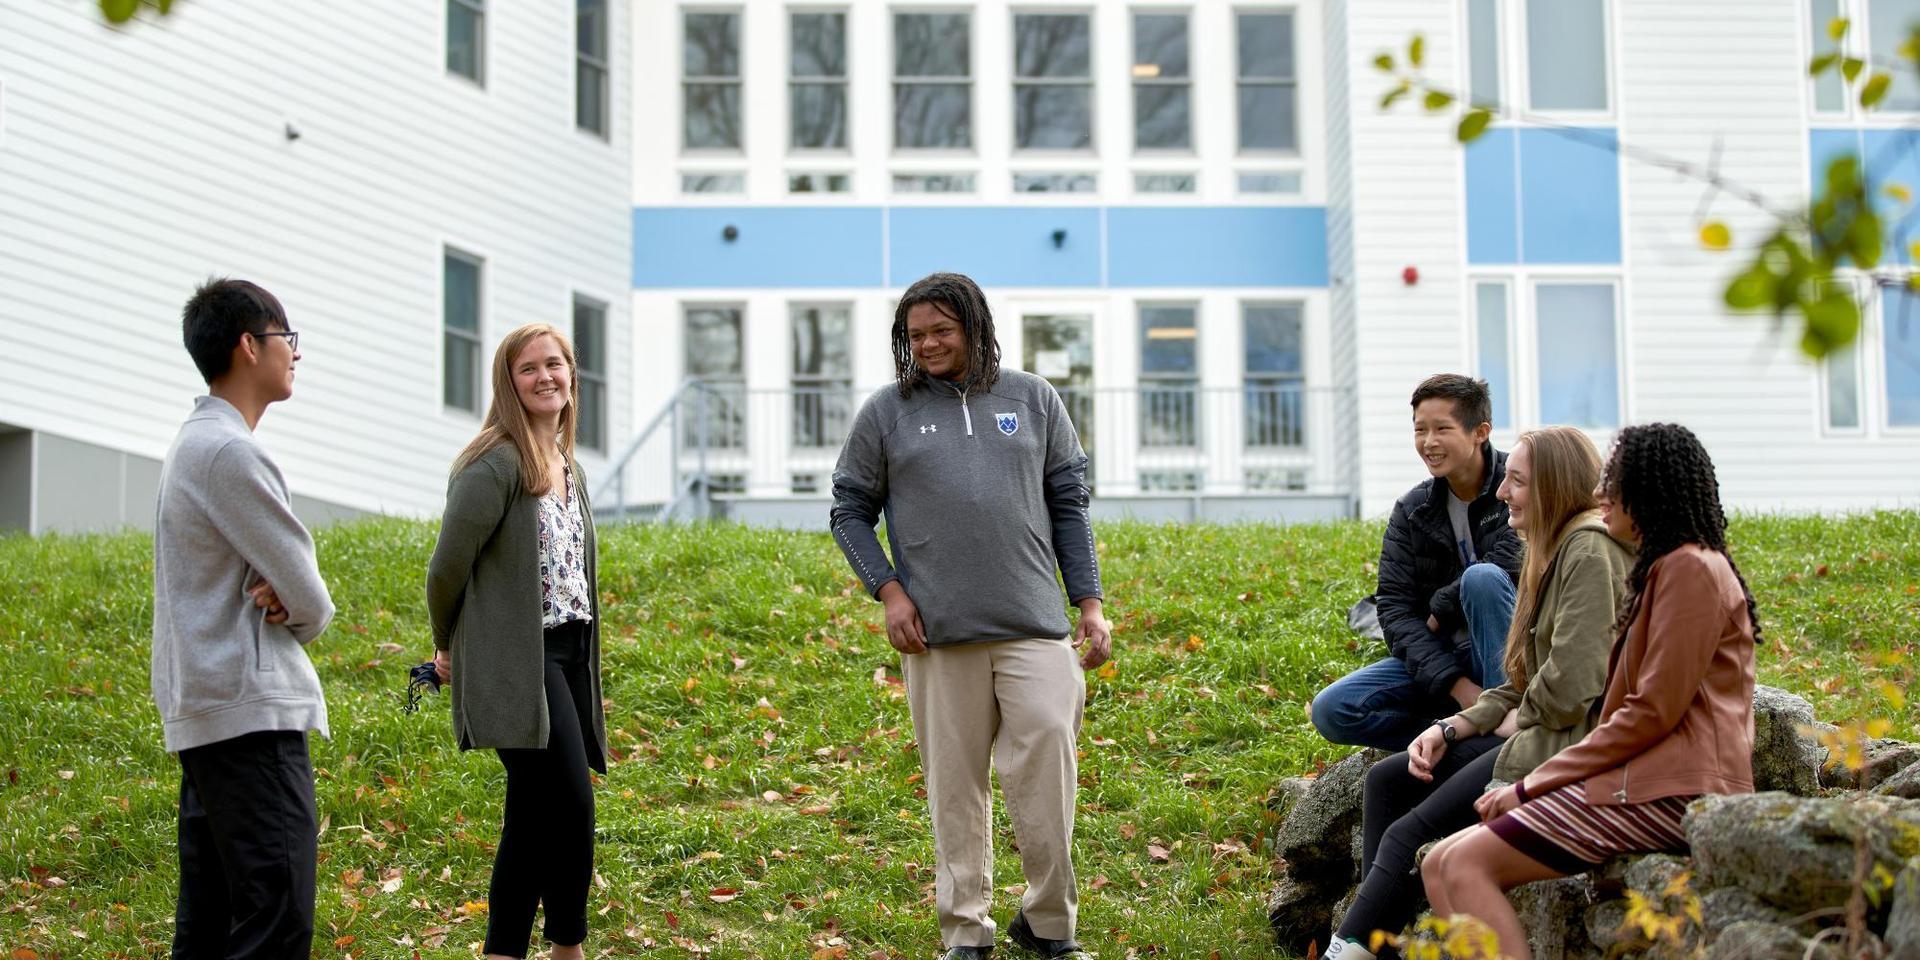 一群学生和教师在新宿舍前.